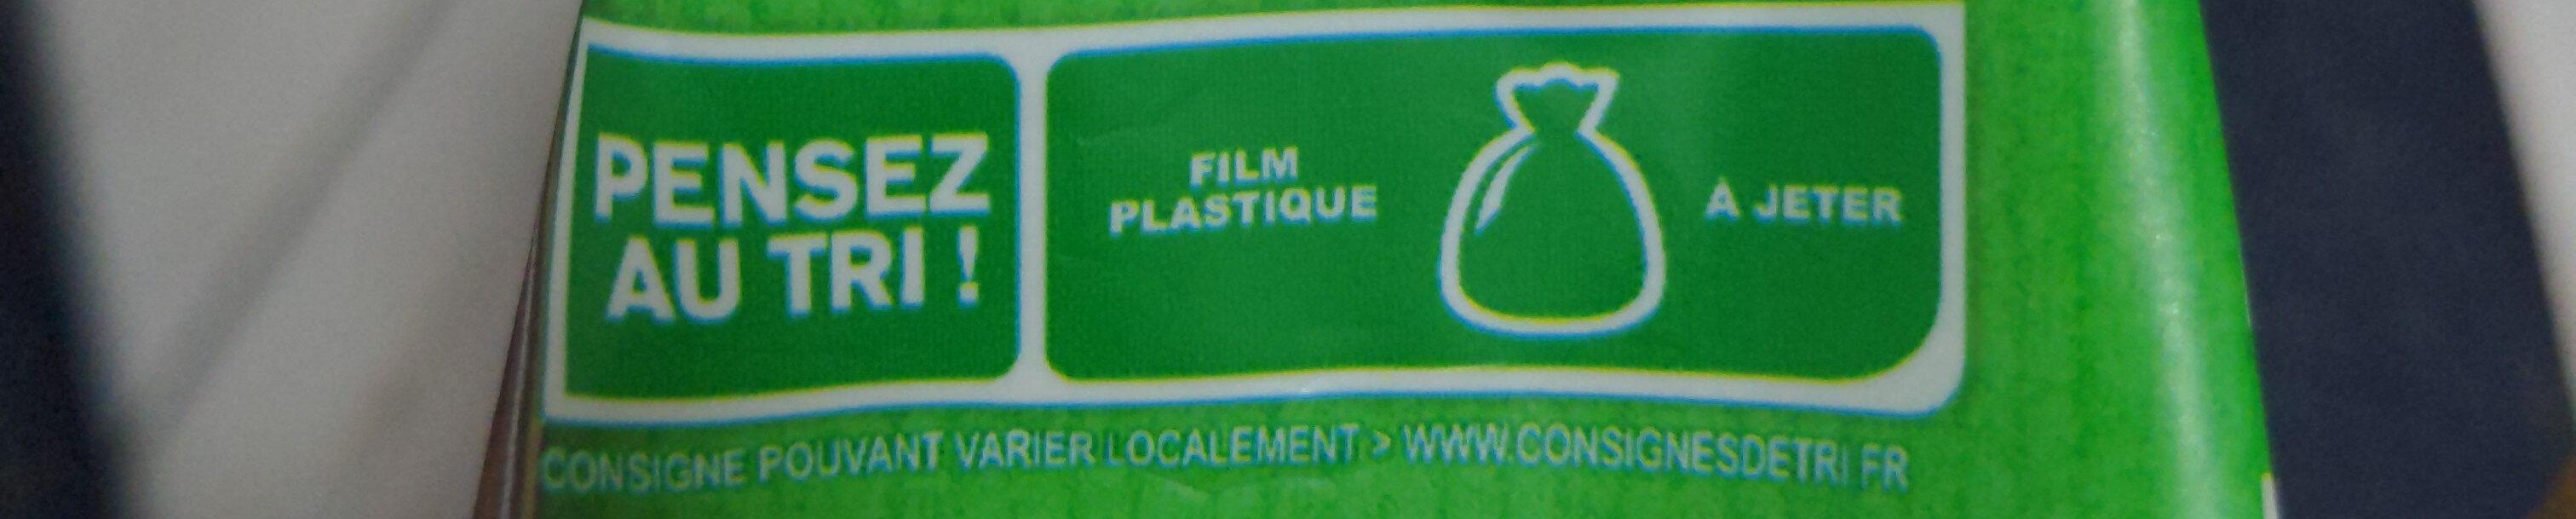 Spaetzle à poêler - Instruction de recyclage et/ou information d'emballage - fr